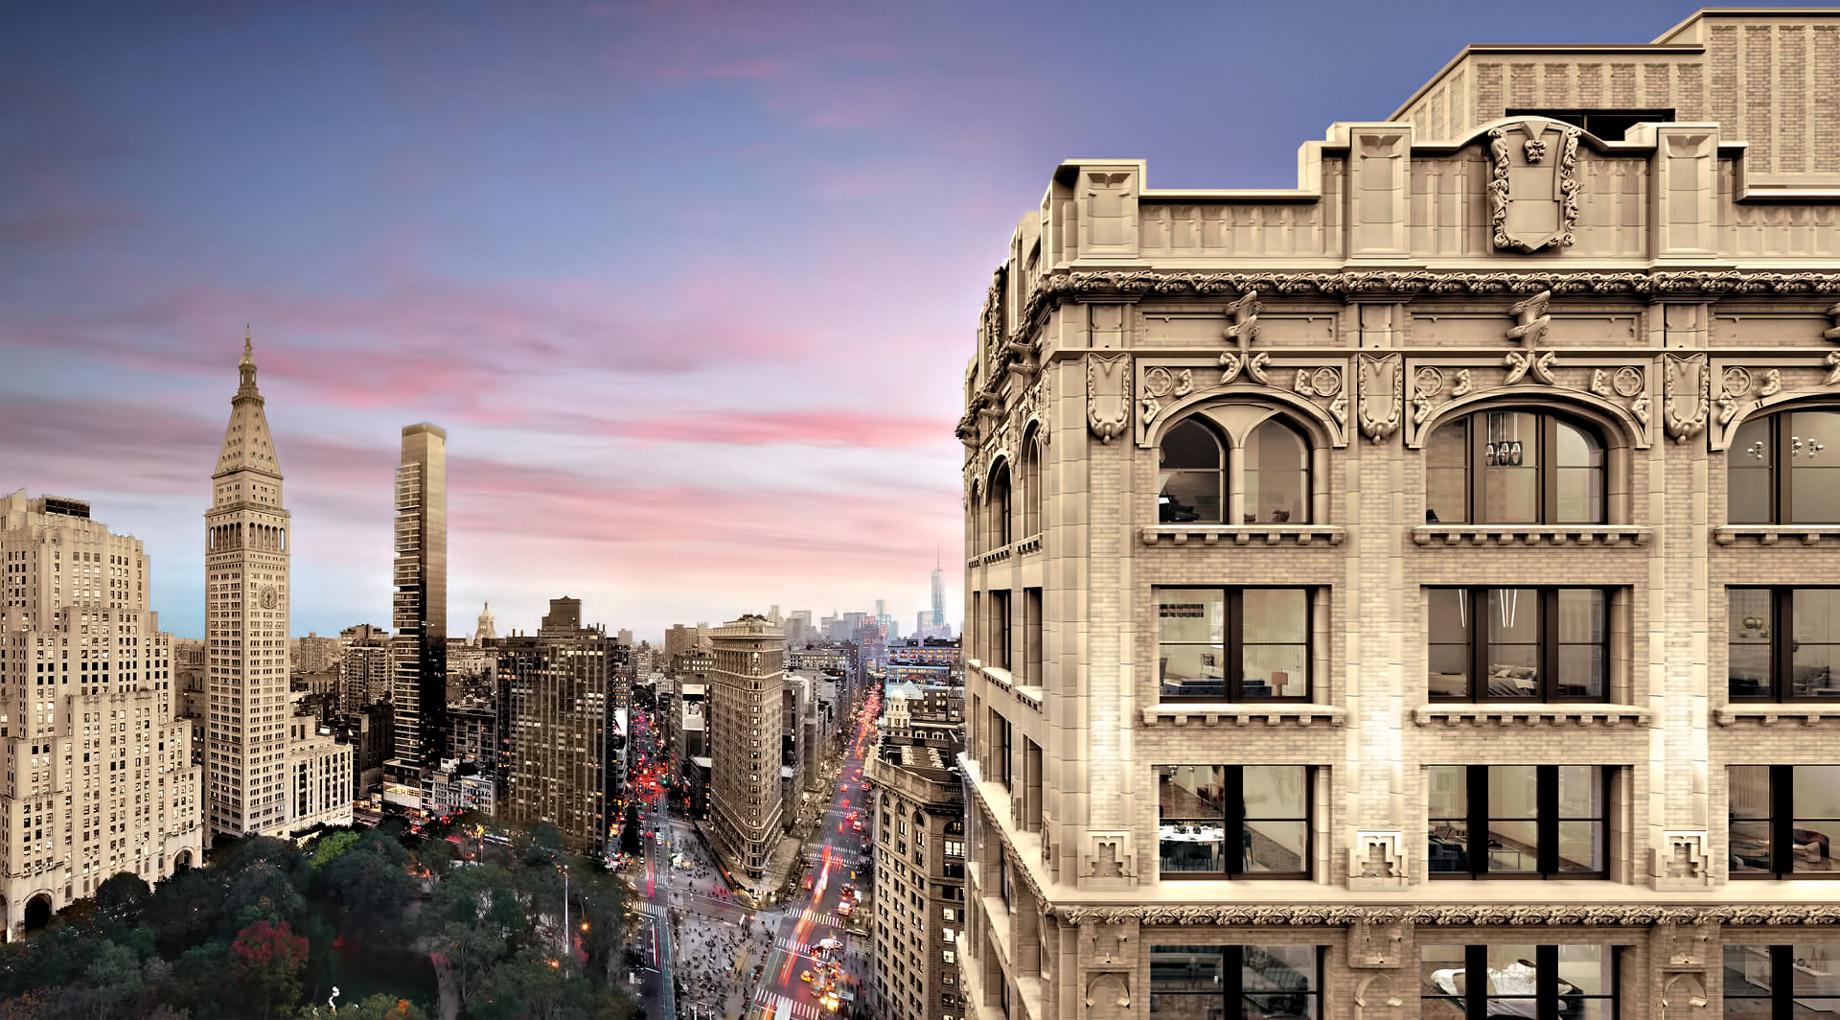 212 Fifth Avenue Luxury Condo Apartments - 212 5th Ave, New York, NY, USA